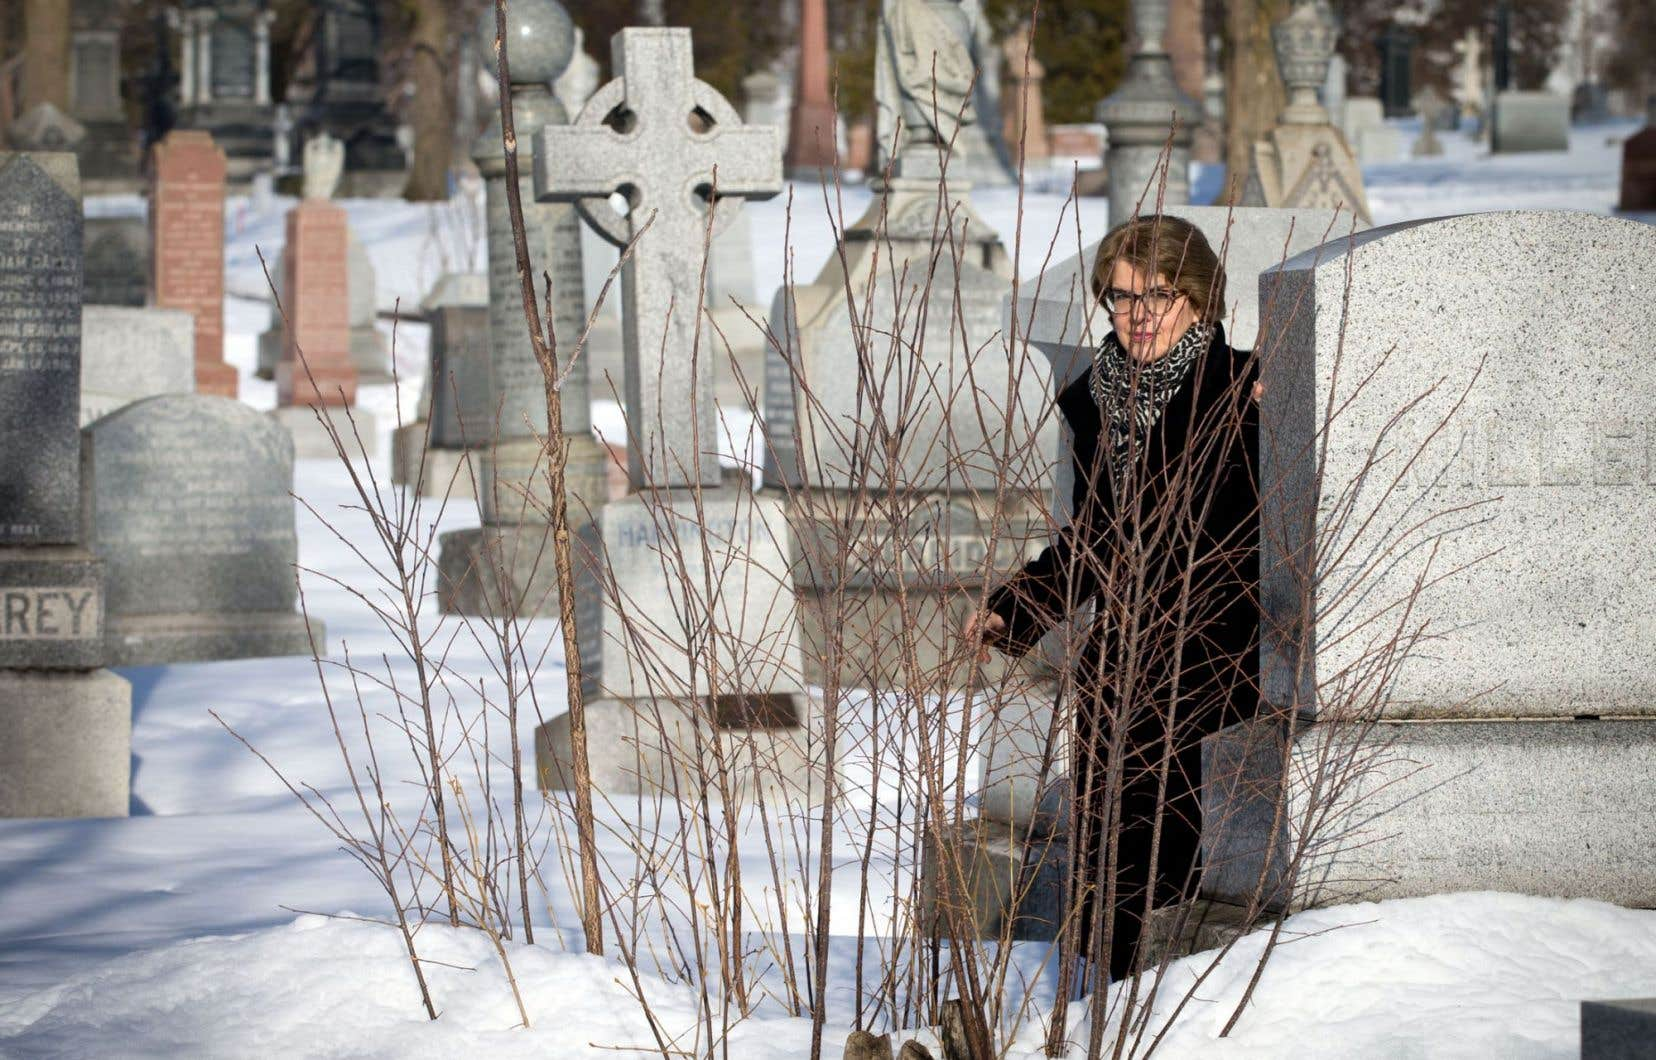 Le circuit littéraire longera le cimetière Notre-Dame-des-Neiges, où l'auteure Chrystine Brouillet (photo) lira un extrait de son livre «Les fiancées de l'enfer», dont une scène s'y déroule. «Comment peut-on faire parler les os?» demande-t-elle.